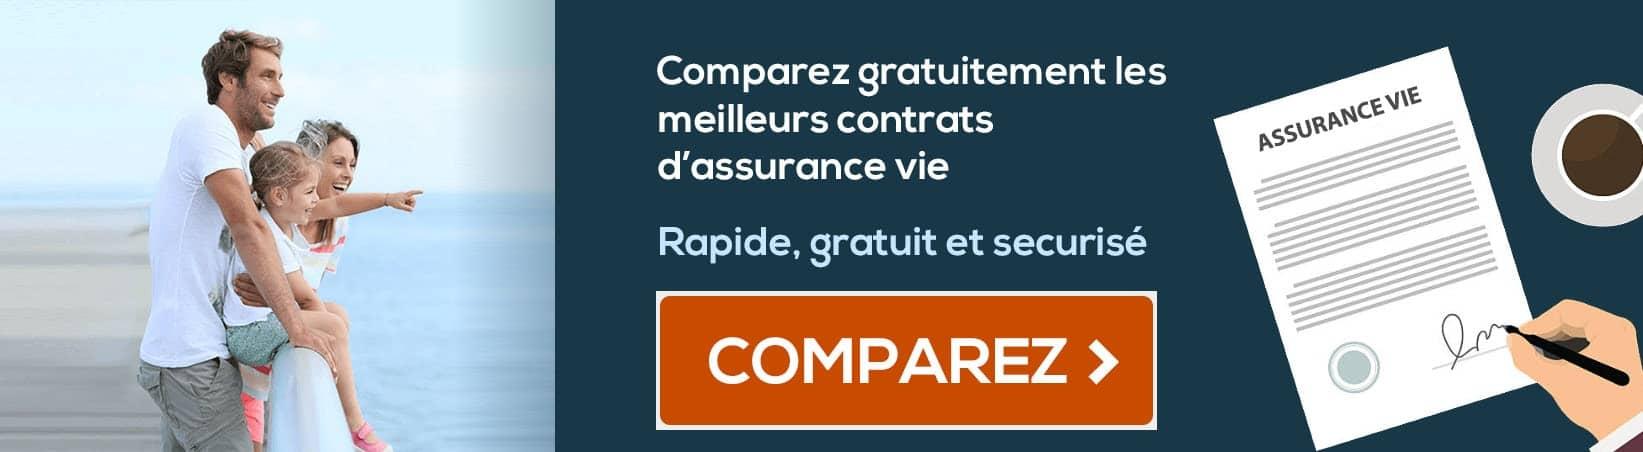 banniere comparatif assurance vie